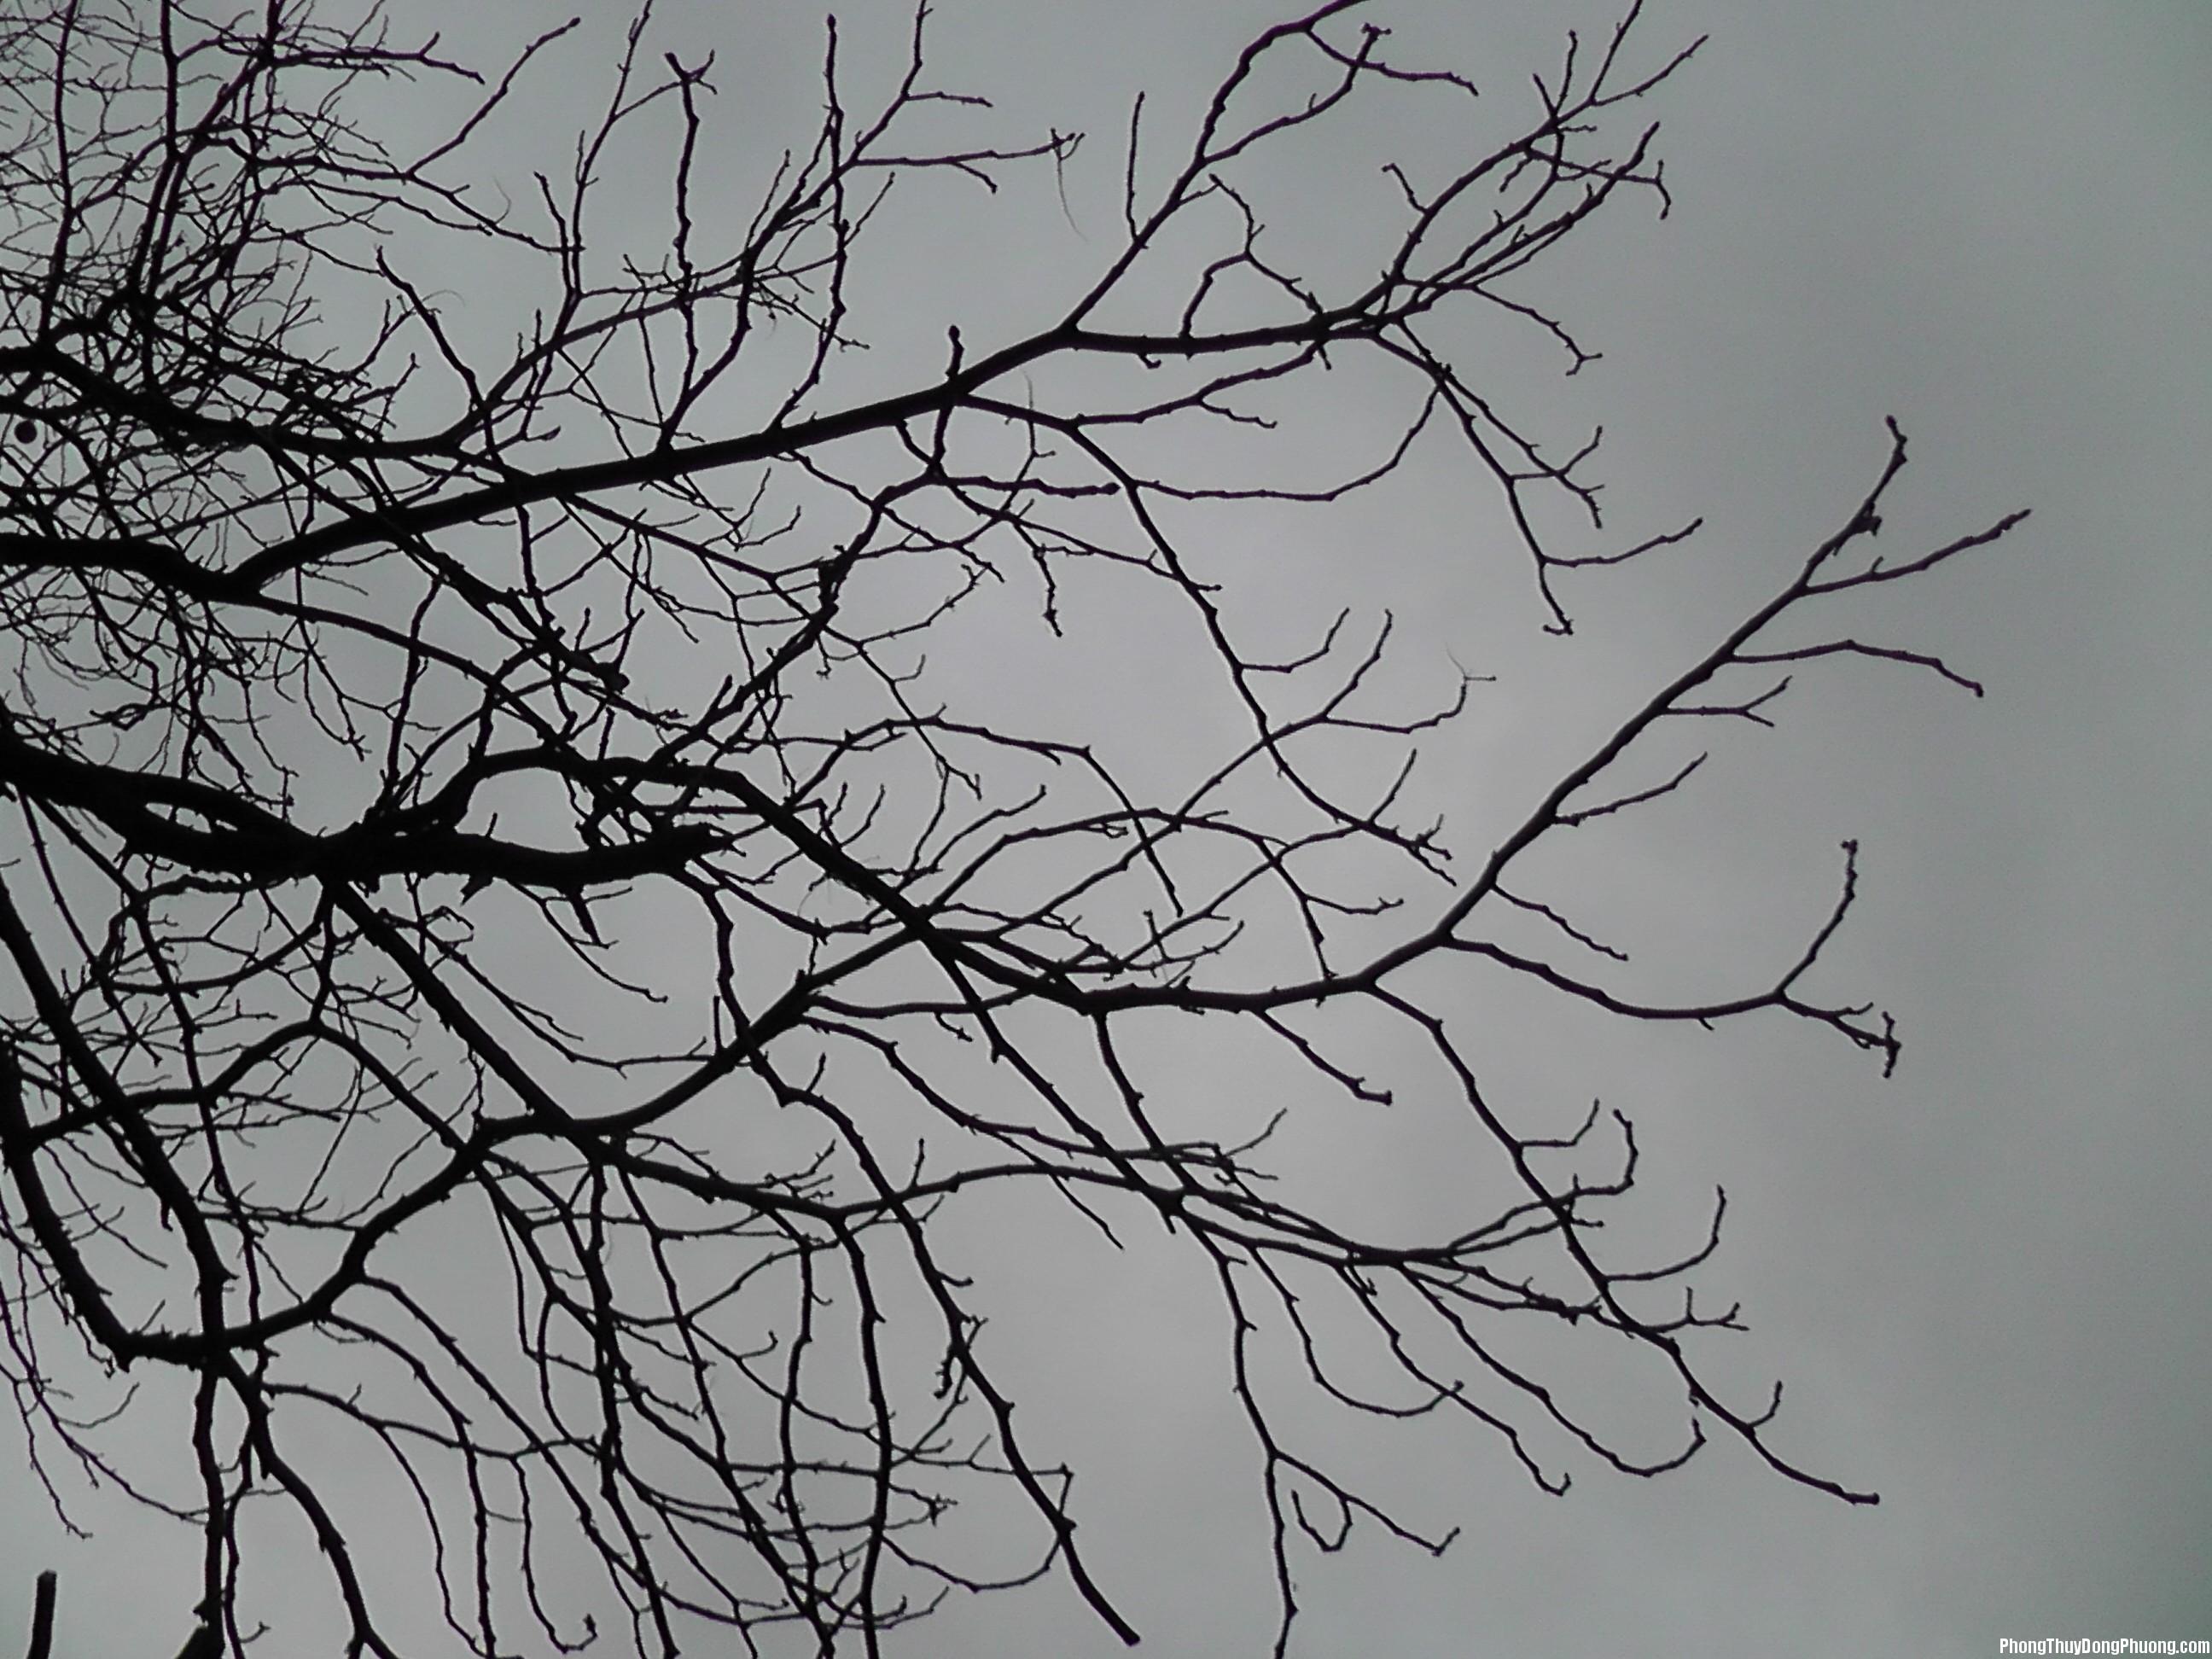 cay kho Giải mã các bí ẩn giấc mơ thấy gặp cành cây khô